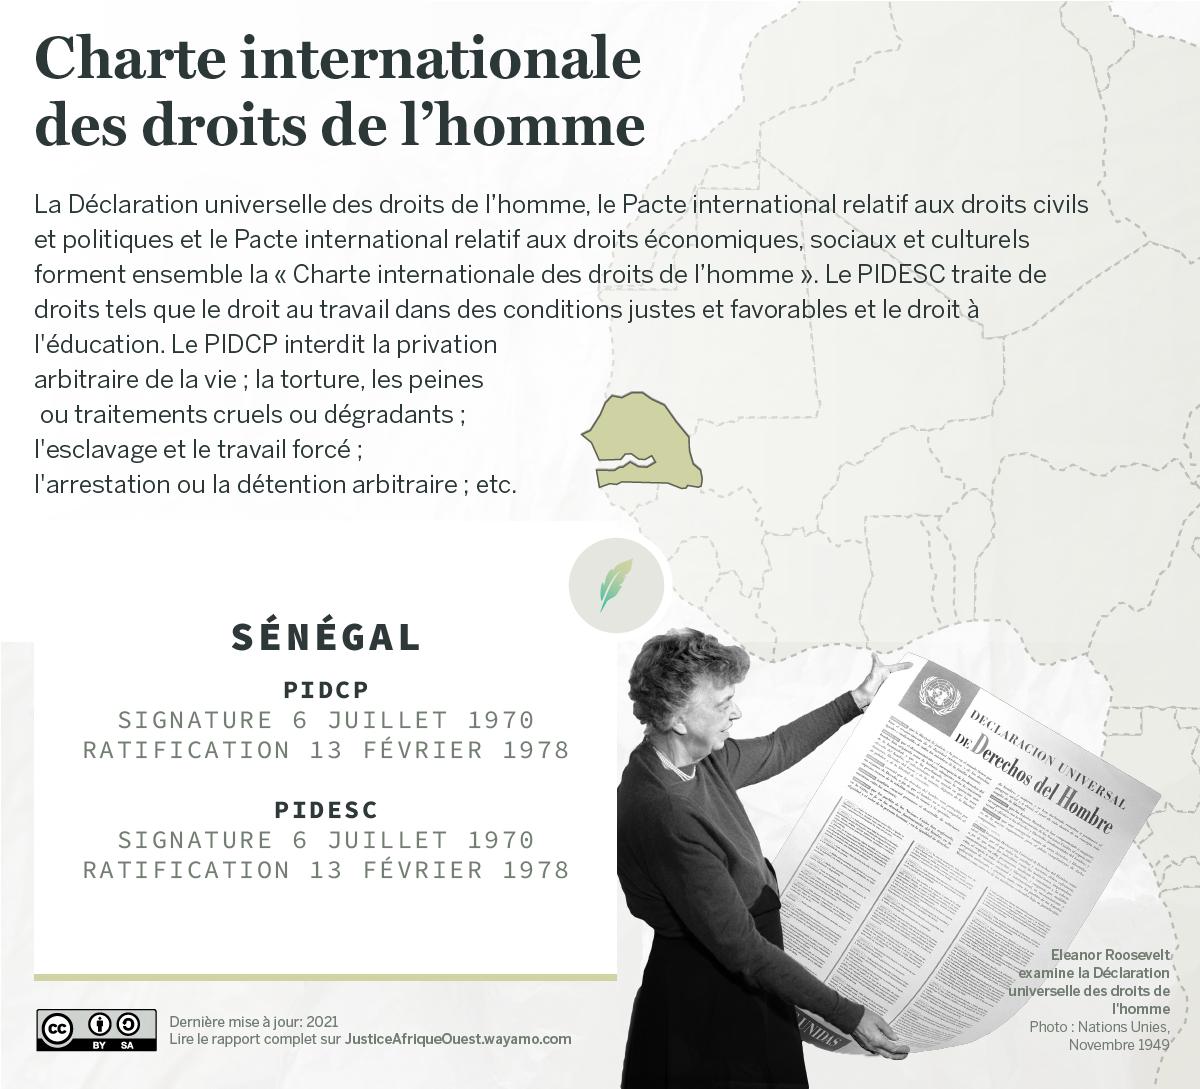 SENEGAL_Charte internationale des droits de l'homme - Wayamo Foundation (CC BY-SA 4.0)